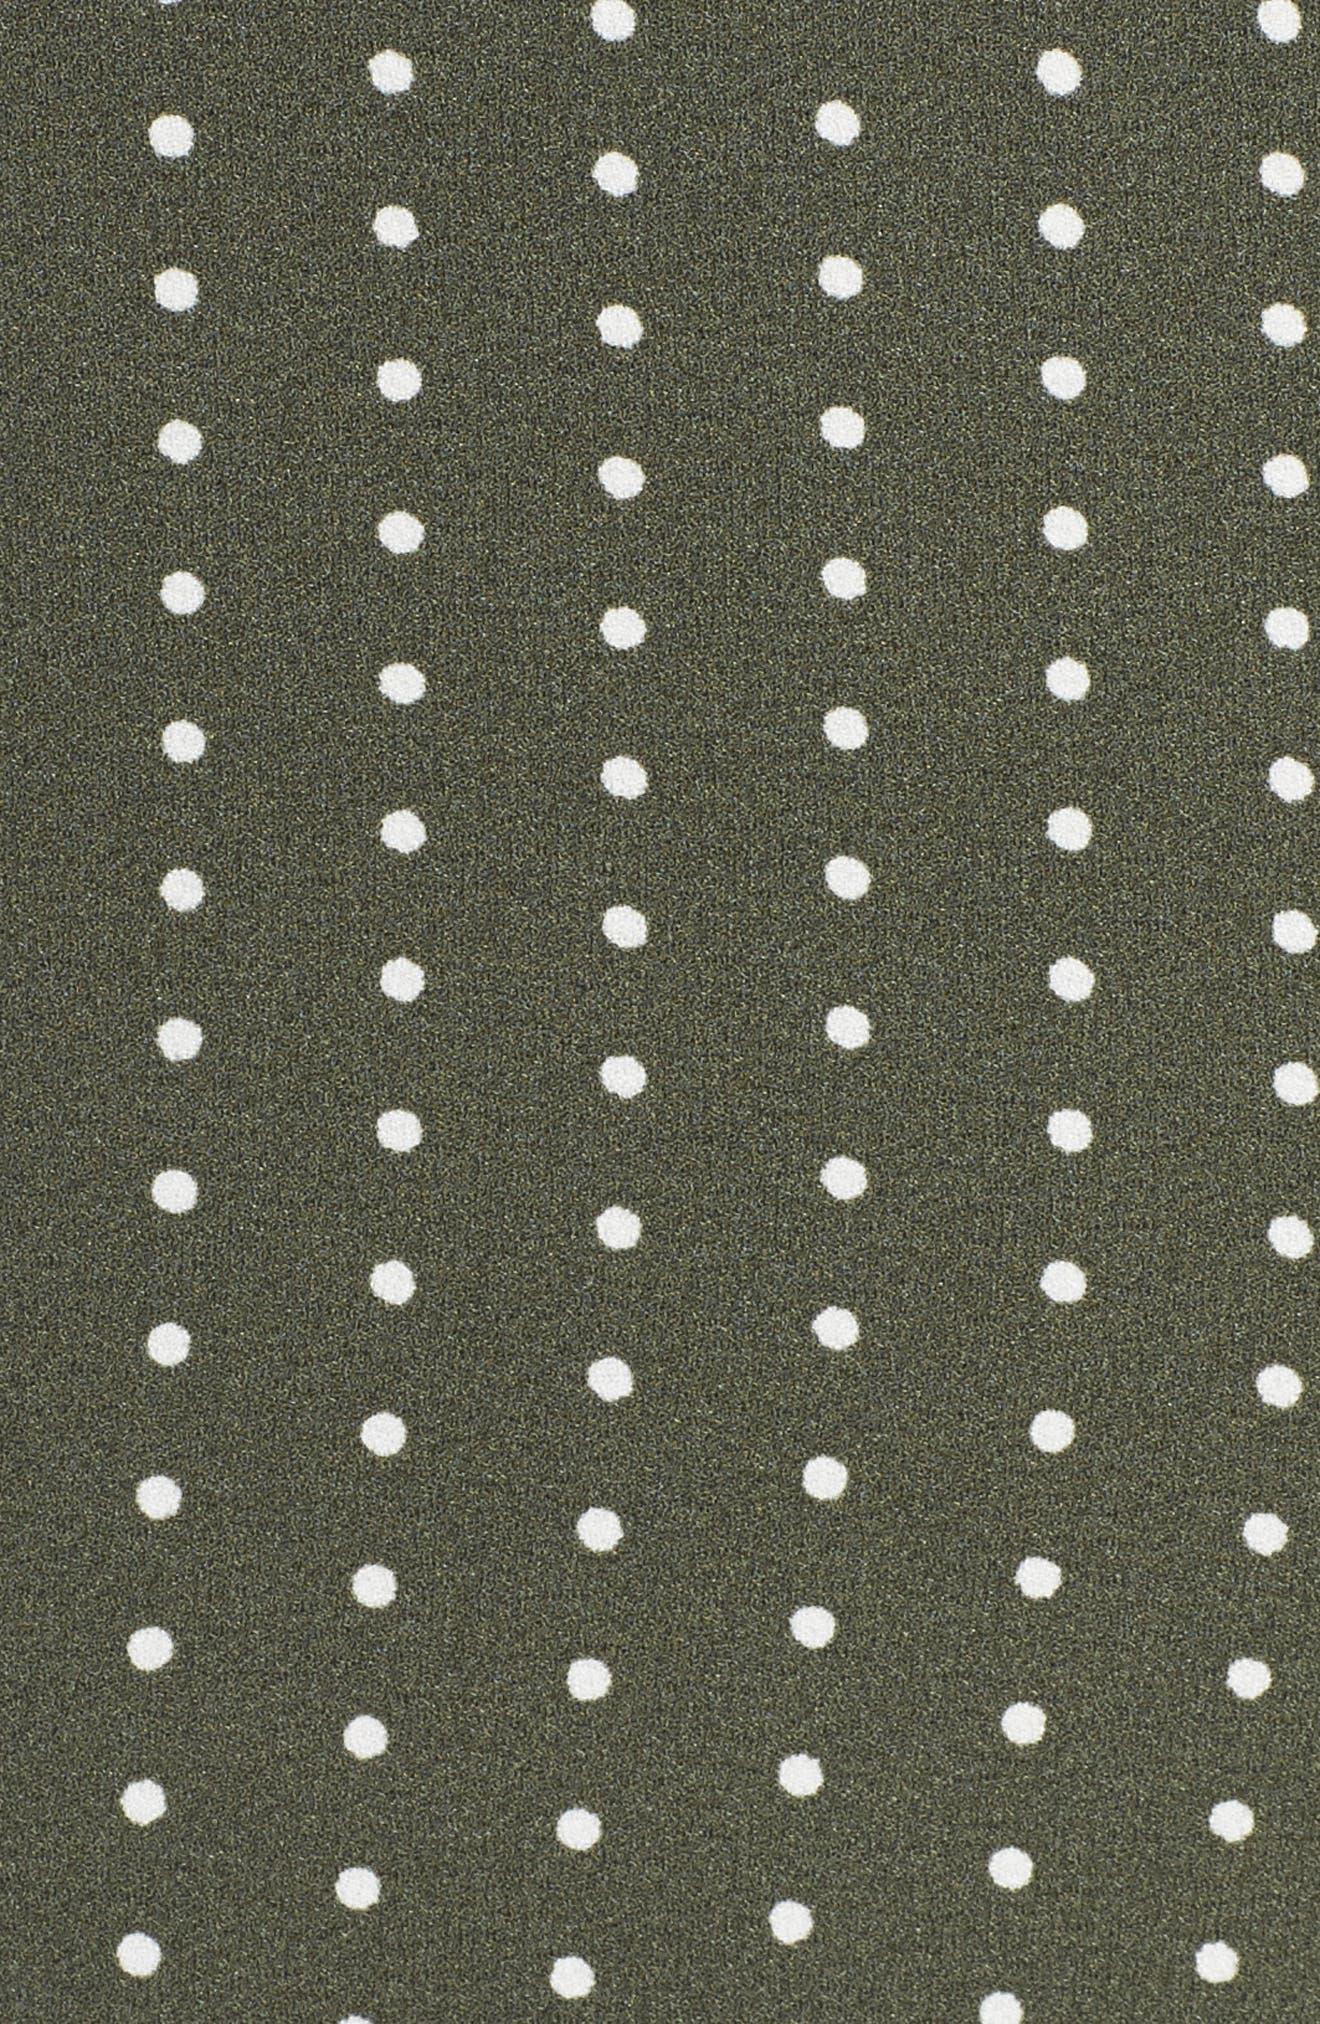 Entice Dot Ruffle Trim Dress,                             Alternate thumbnail 5, color,                             Khaki W Ivory Spot